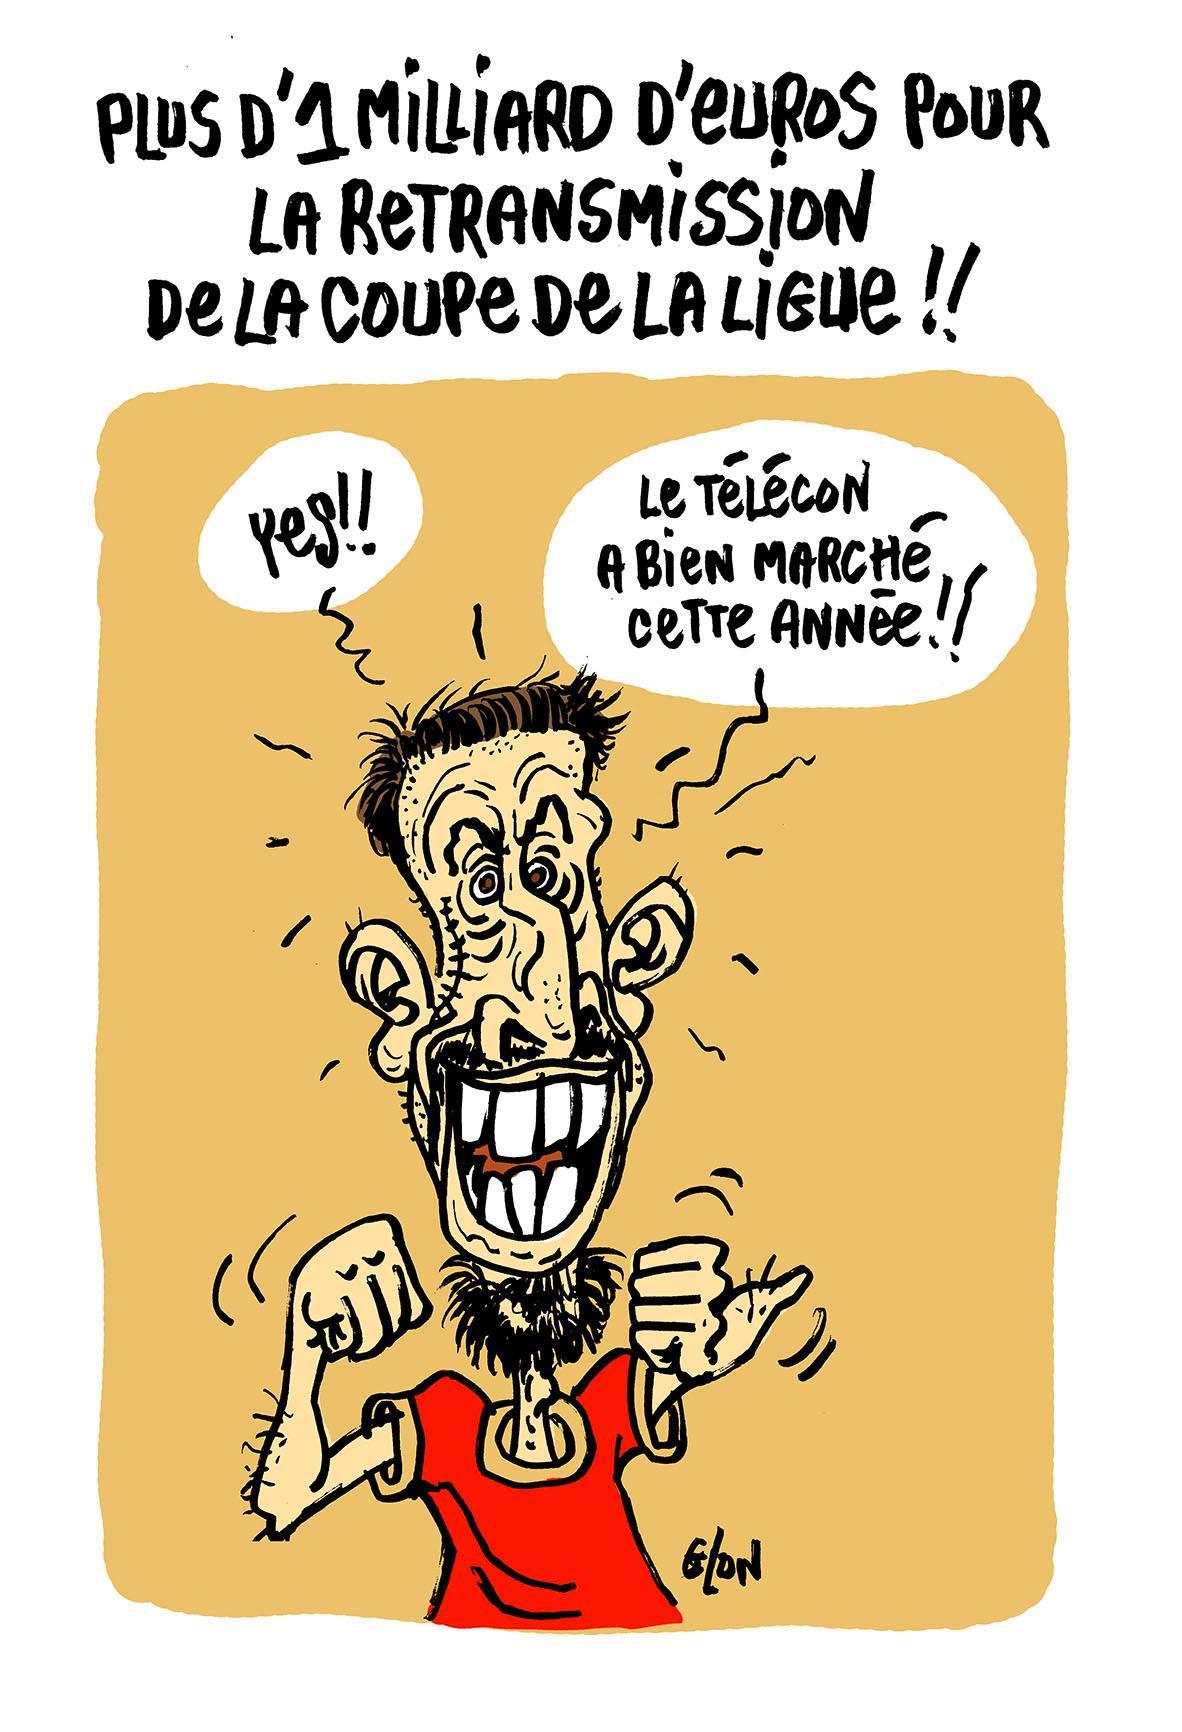 dessin d'actualité de Franck Ribéry parlant des droits de retransmission de la Coupe de la Ligue